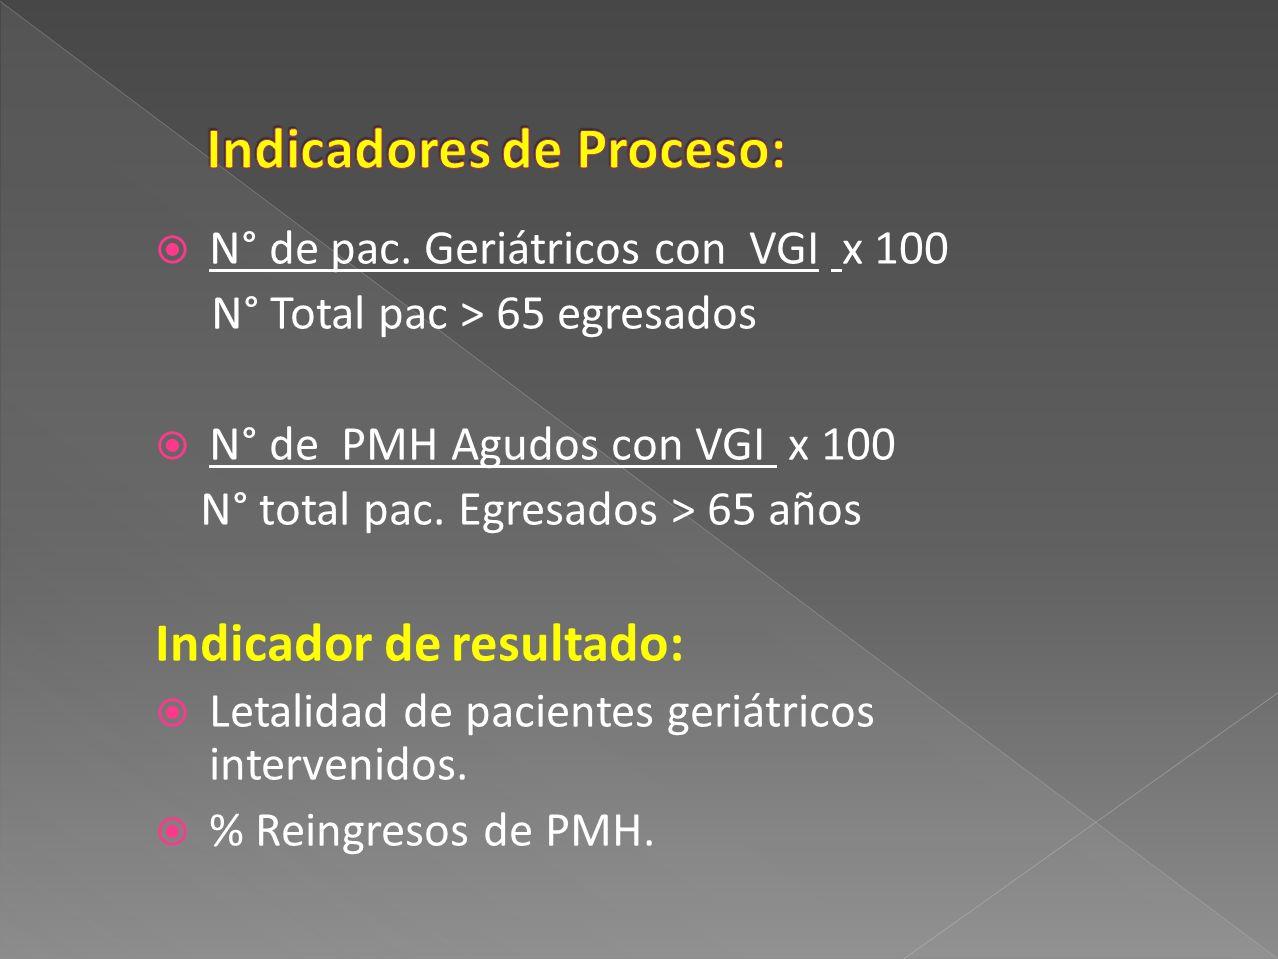 Indicadores de Proceso: